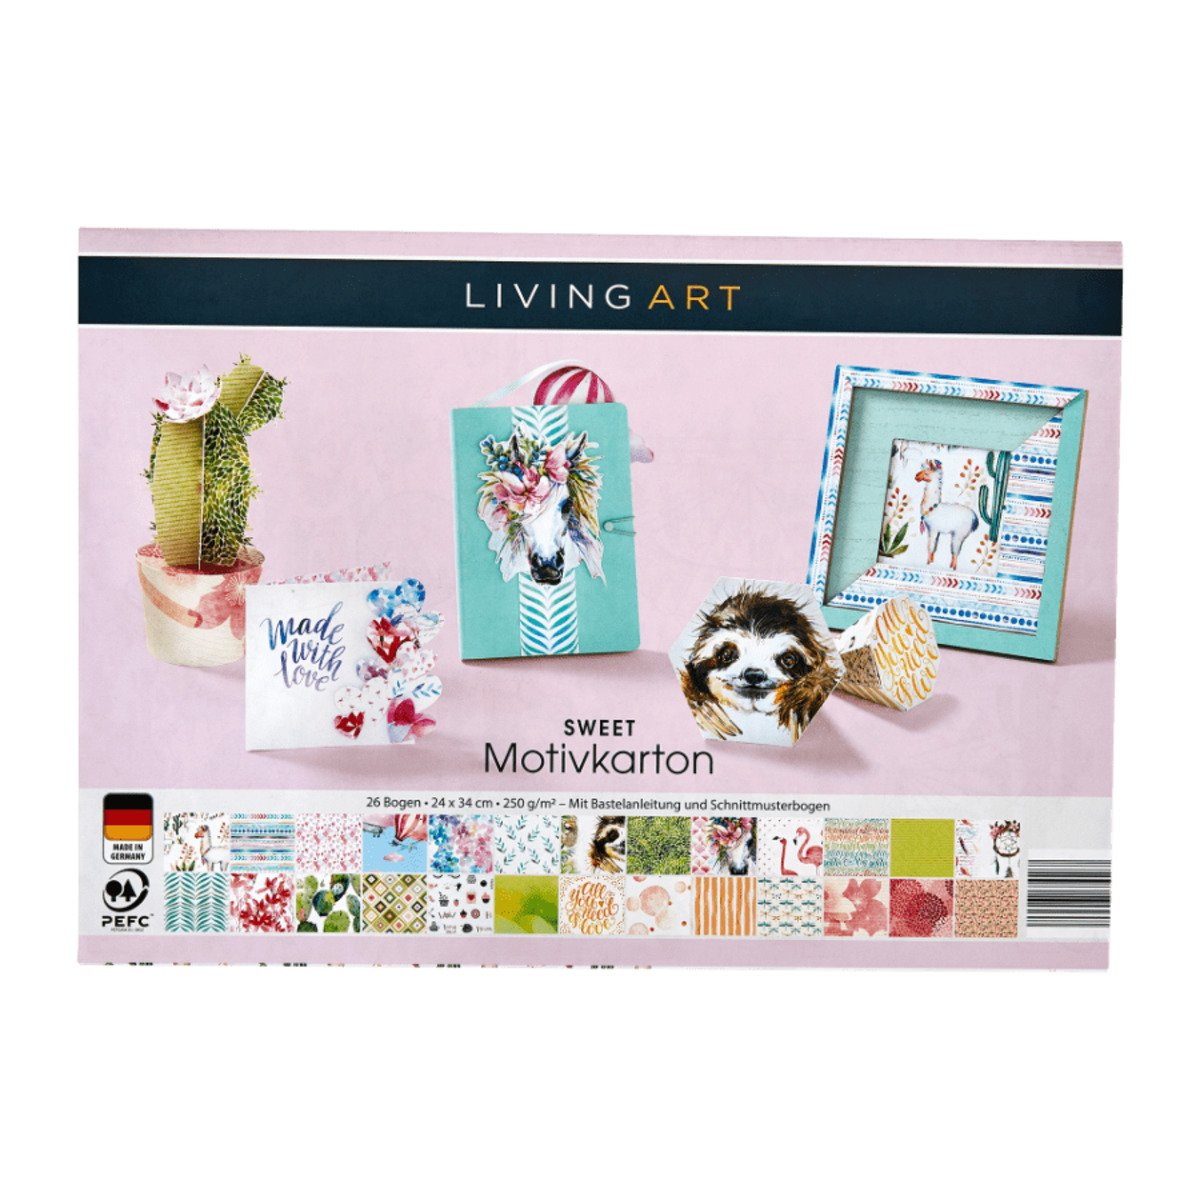 Bild 5 von LIVING ART     Bastel-Set